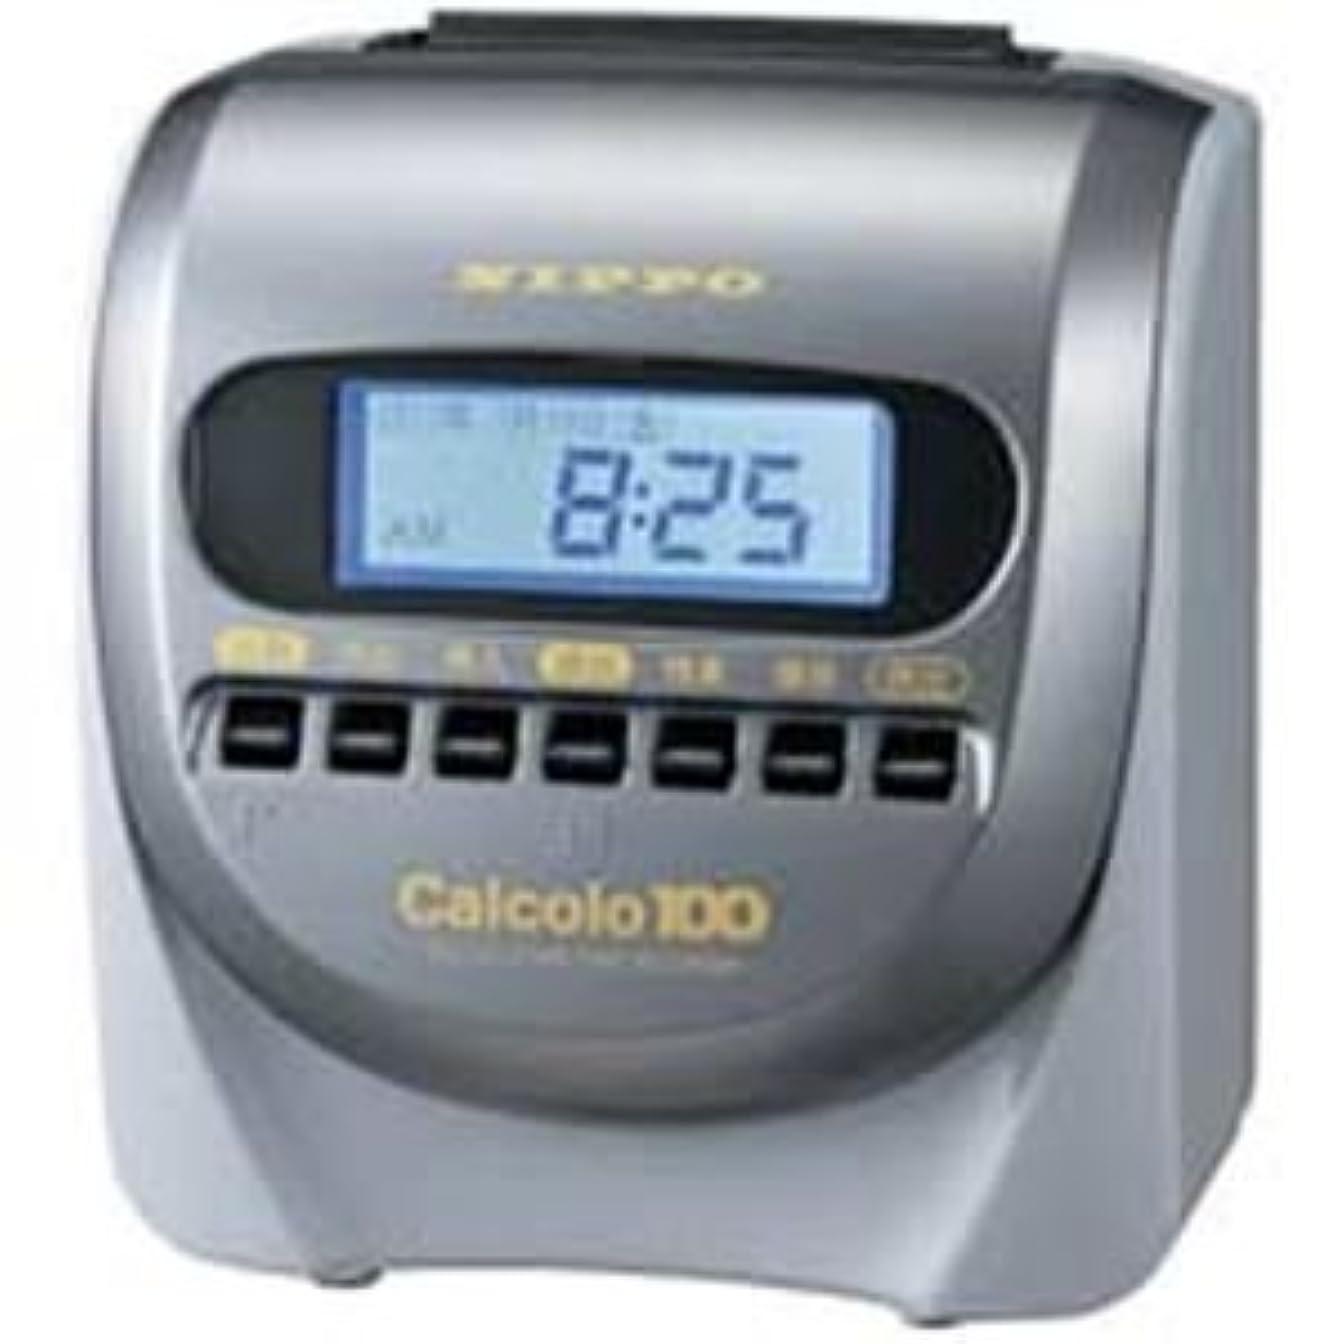 サロンマチュピチュプロテスタントニッポー タイムレコーダー カルコロ100